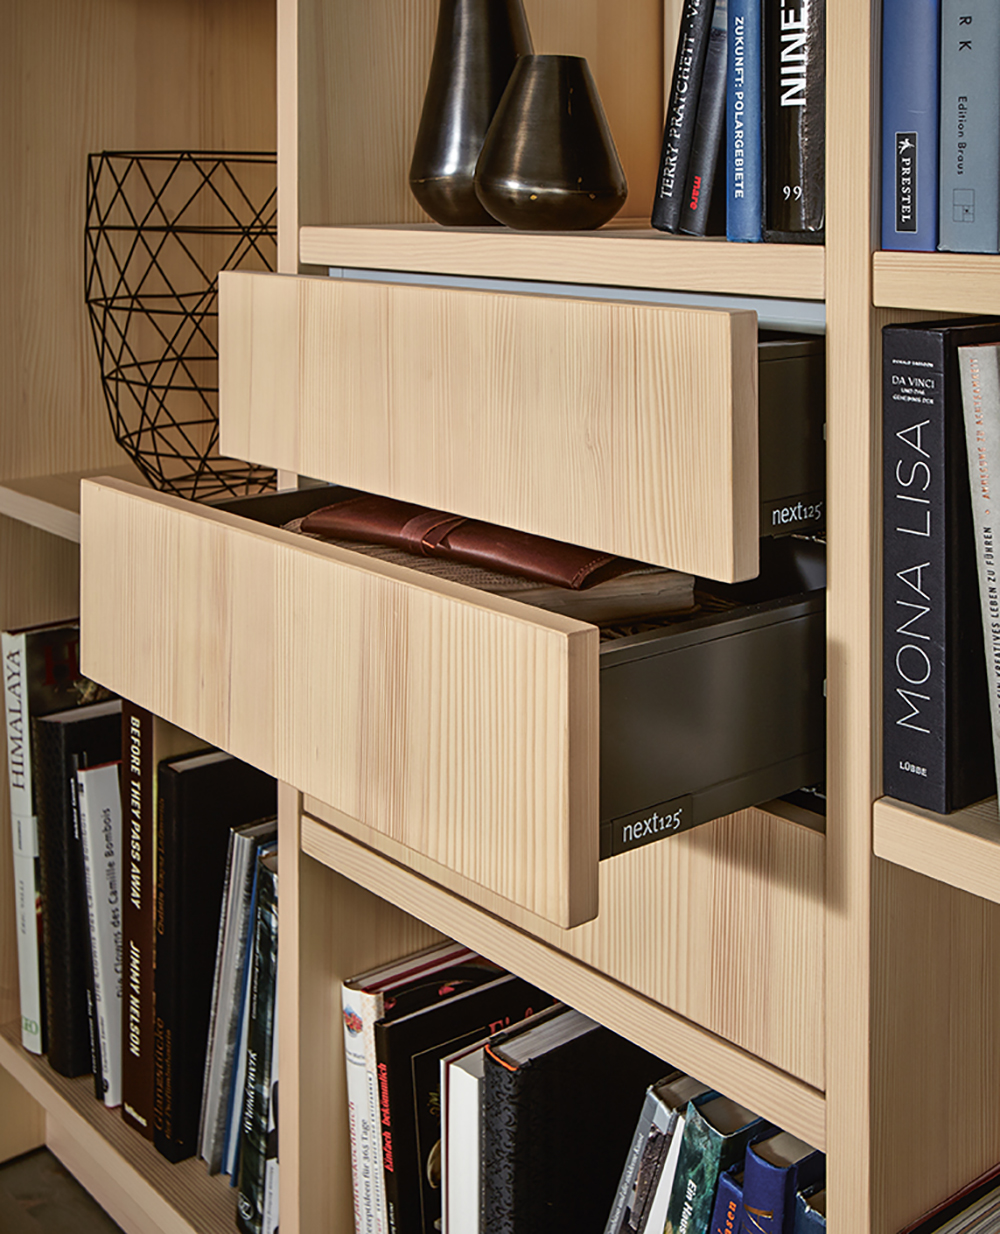 Bibliothèque ameublement et rangement next125 installé par Intérieur Littoz Annecy